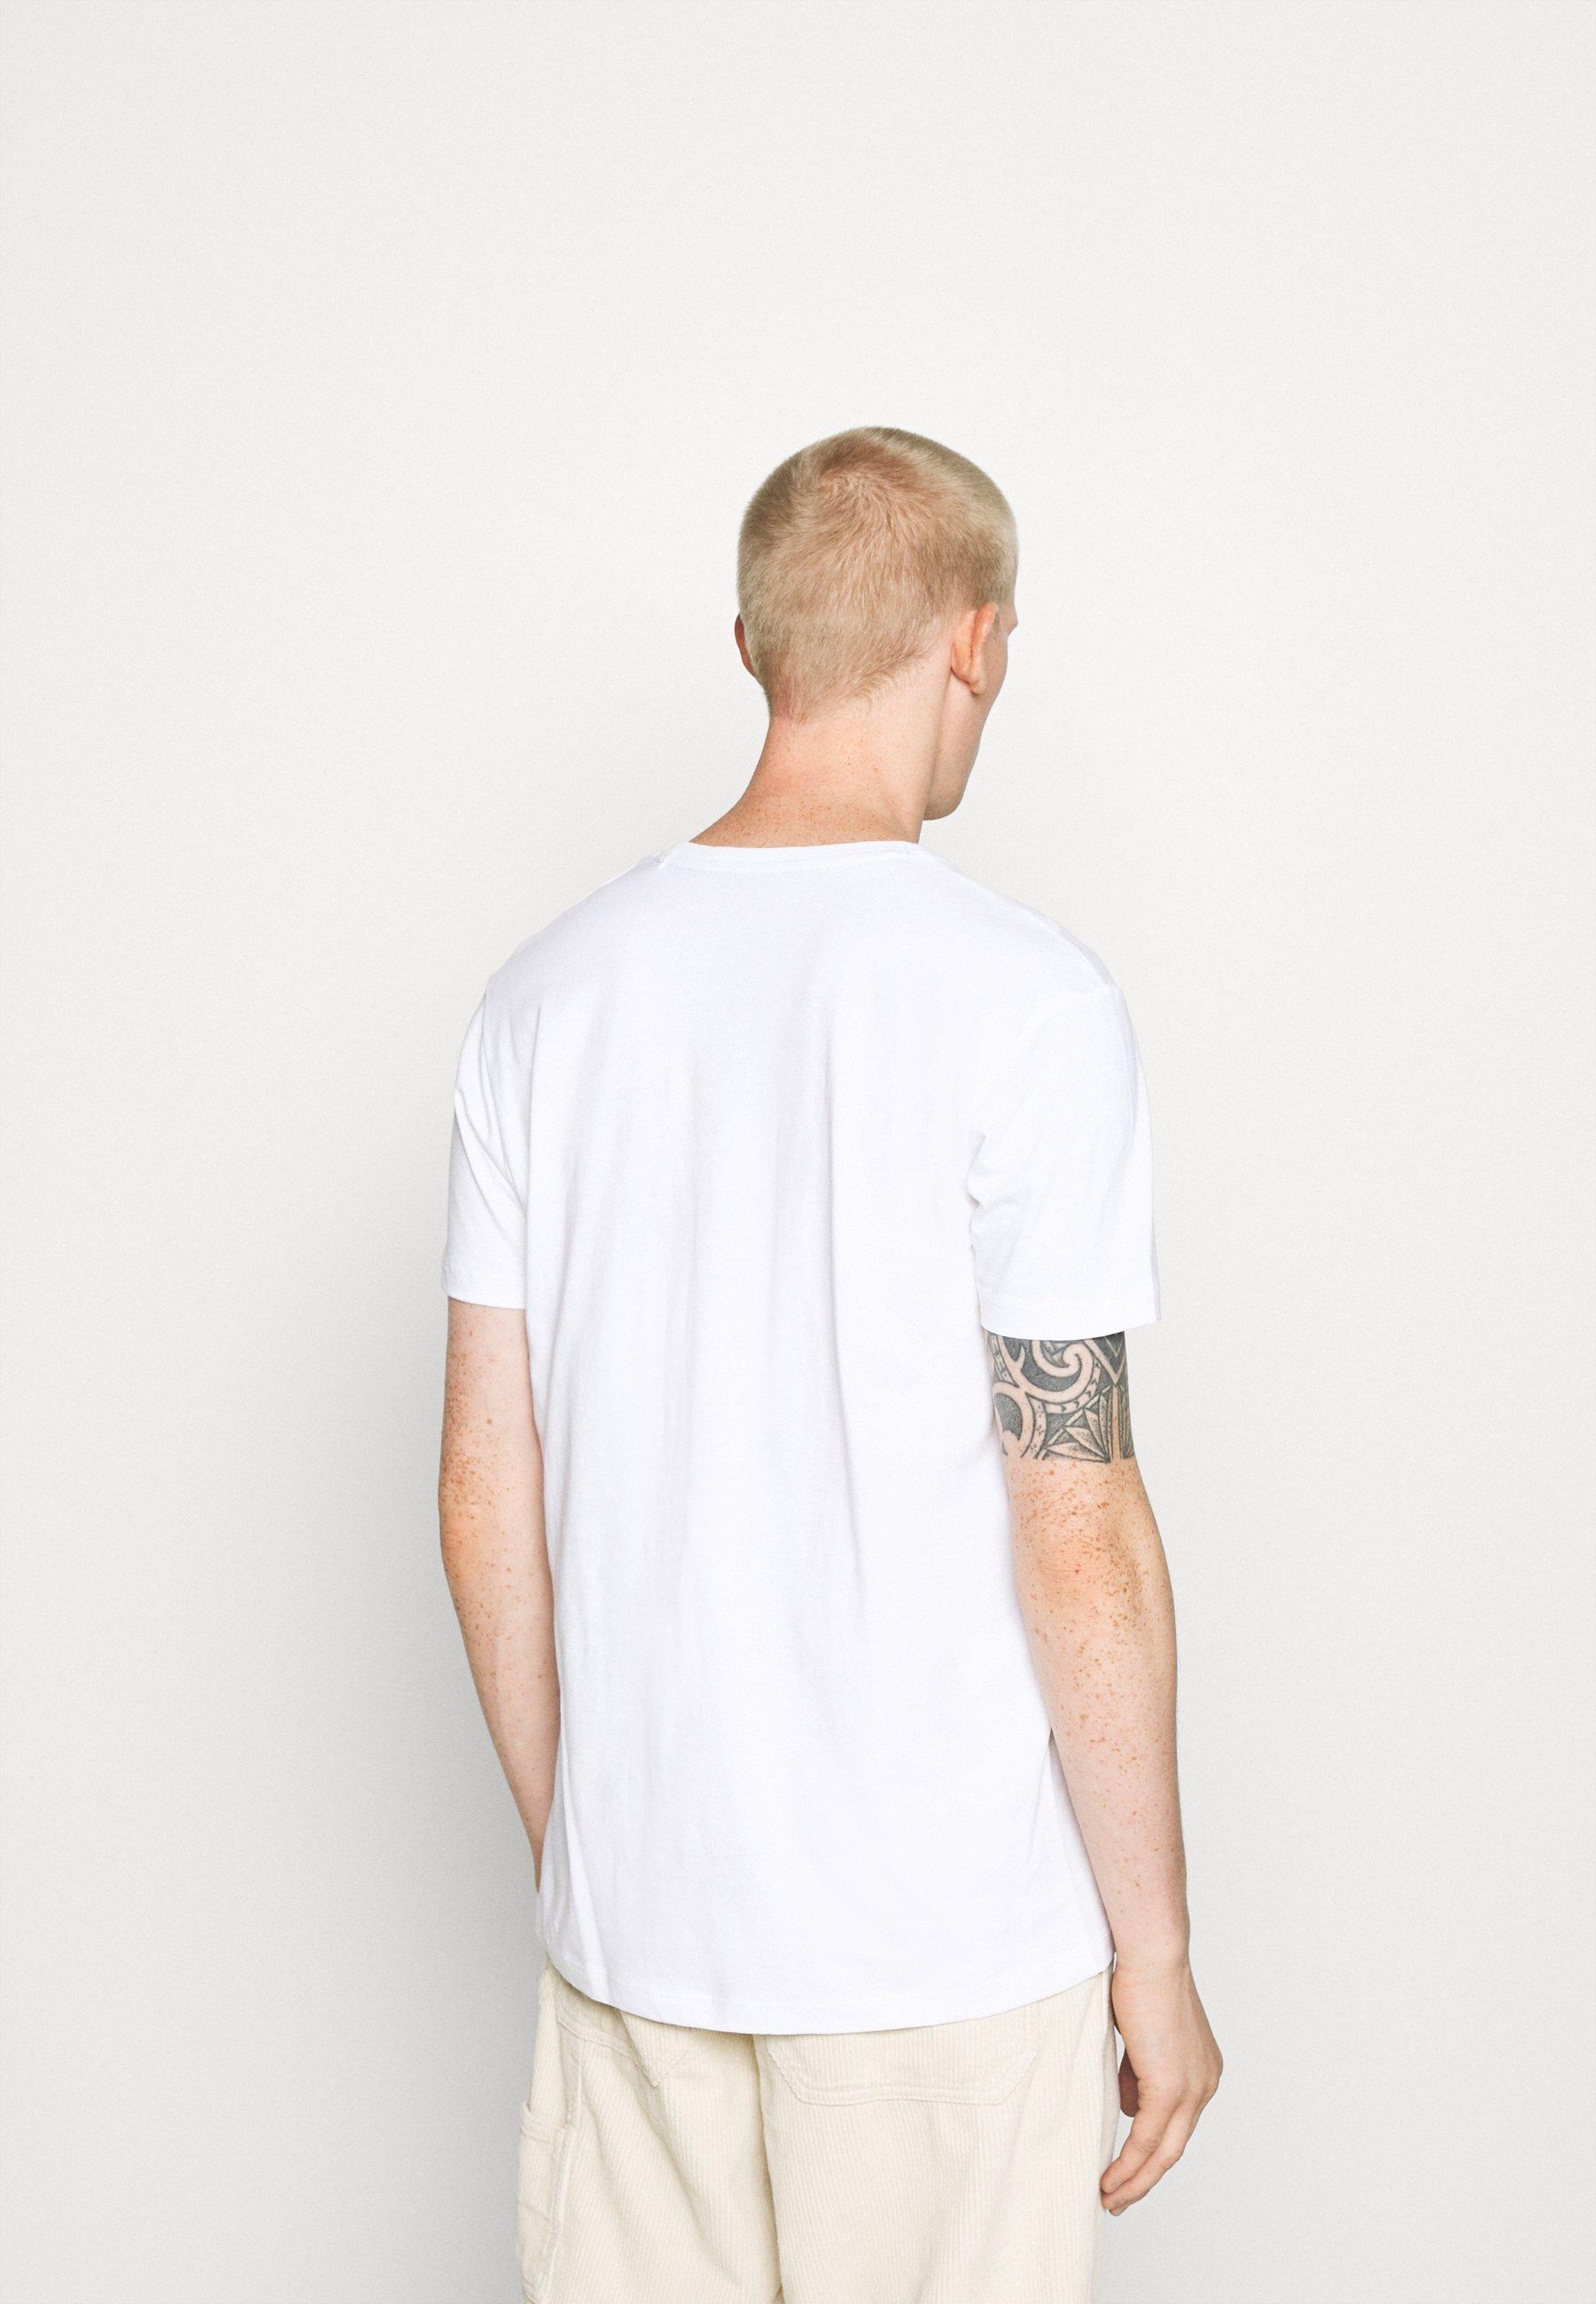 Esprit Print T-shirt - white avAIL